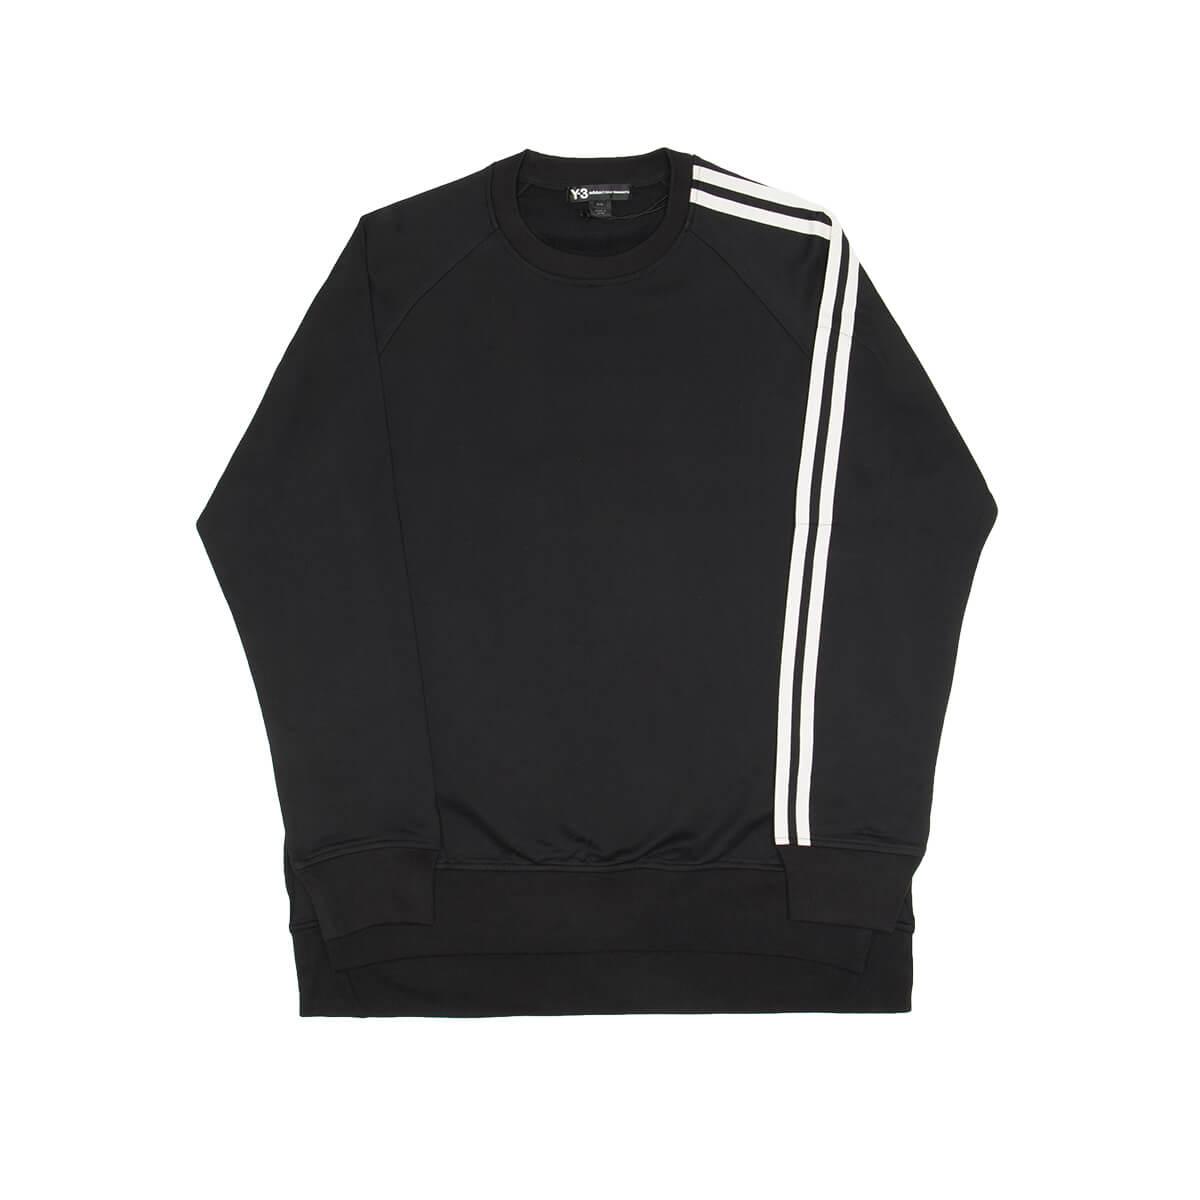 Y-3 3 Stp Sweatshirt